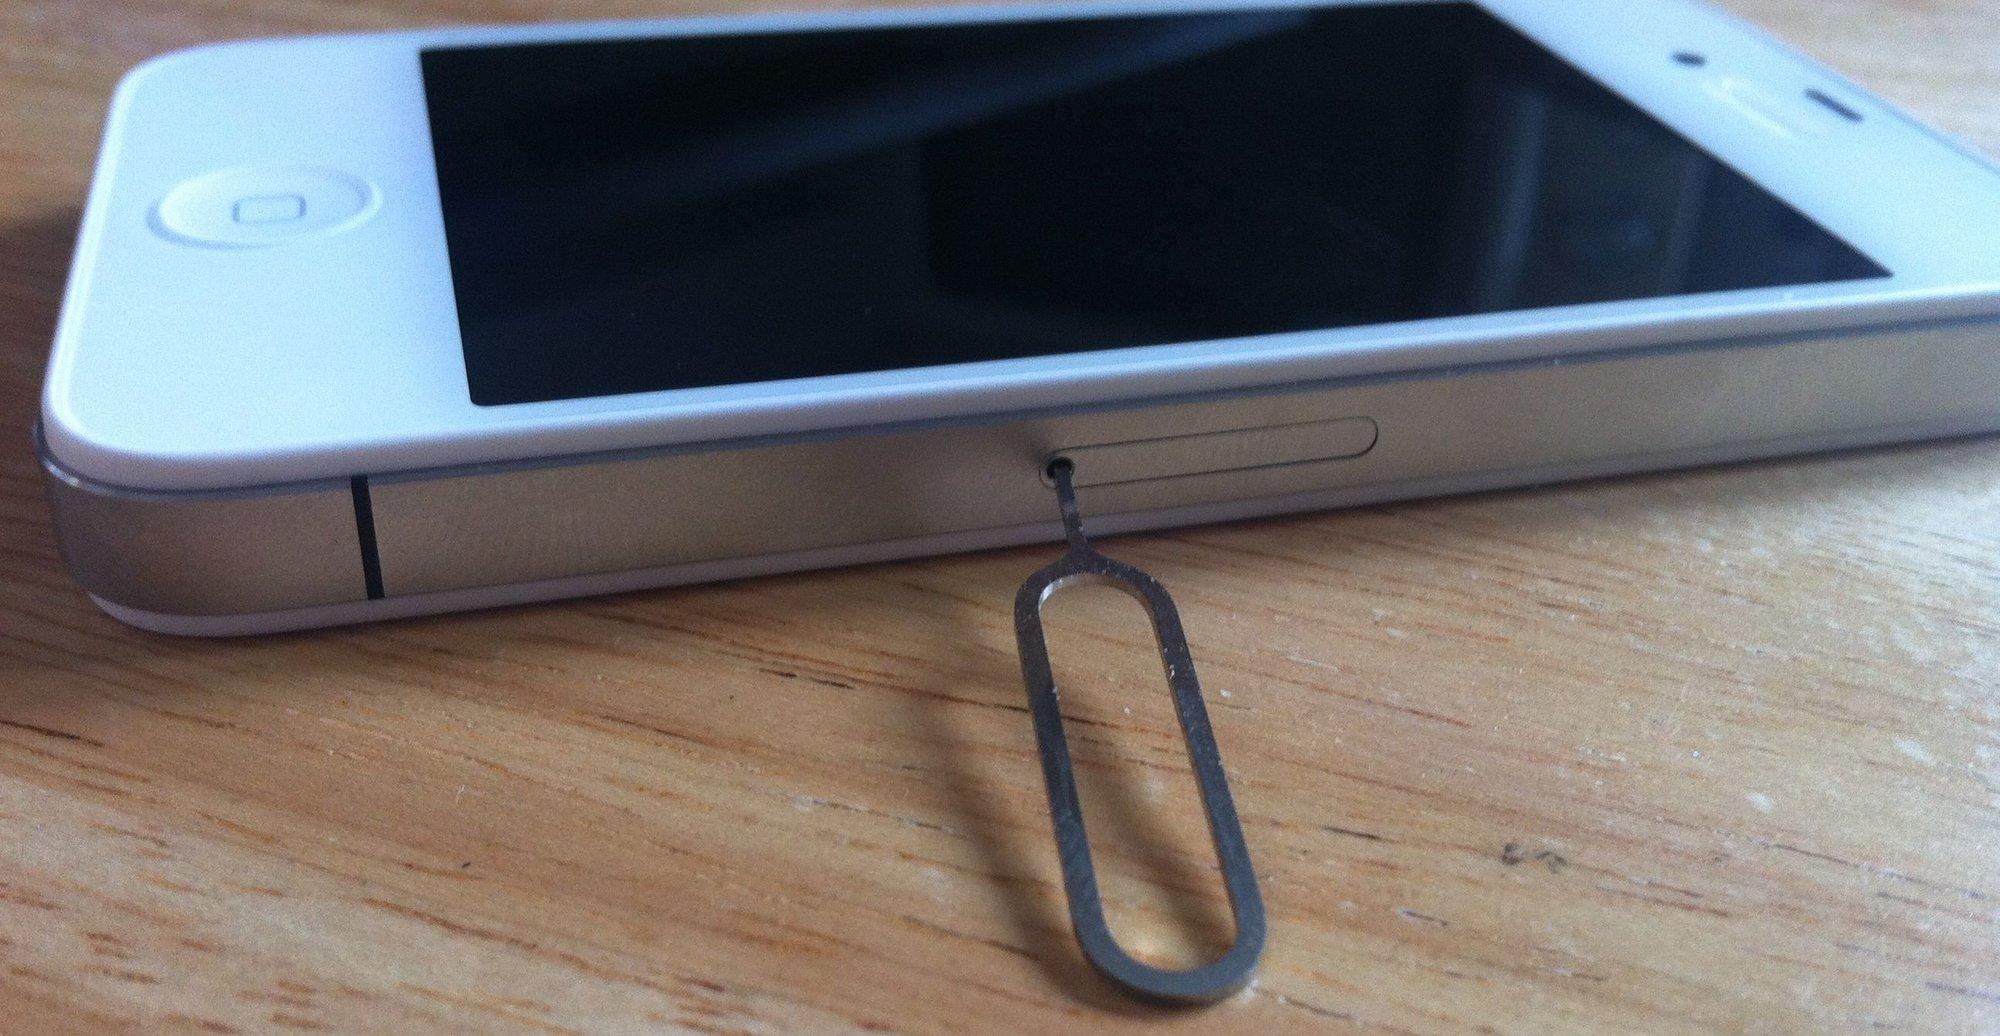 Denne måten å fjerne og sette inn nytt SIM-kort er det nå bare Apple som kan bruke.